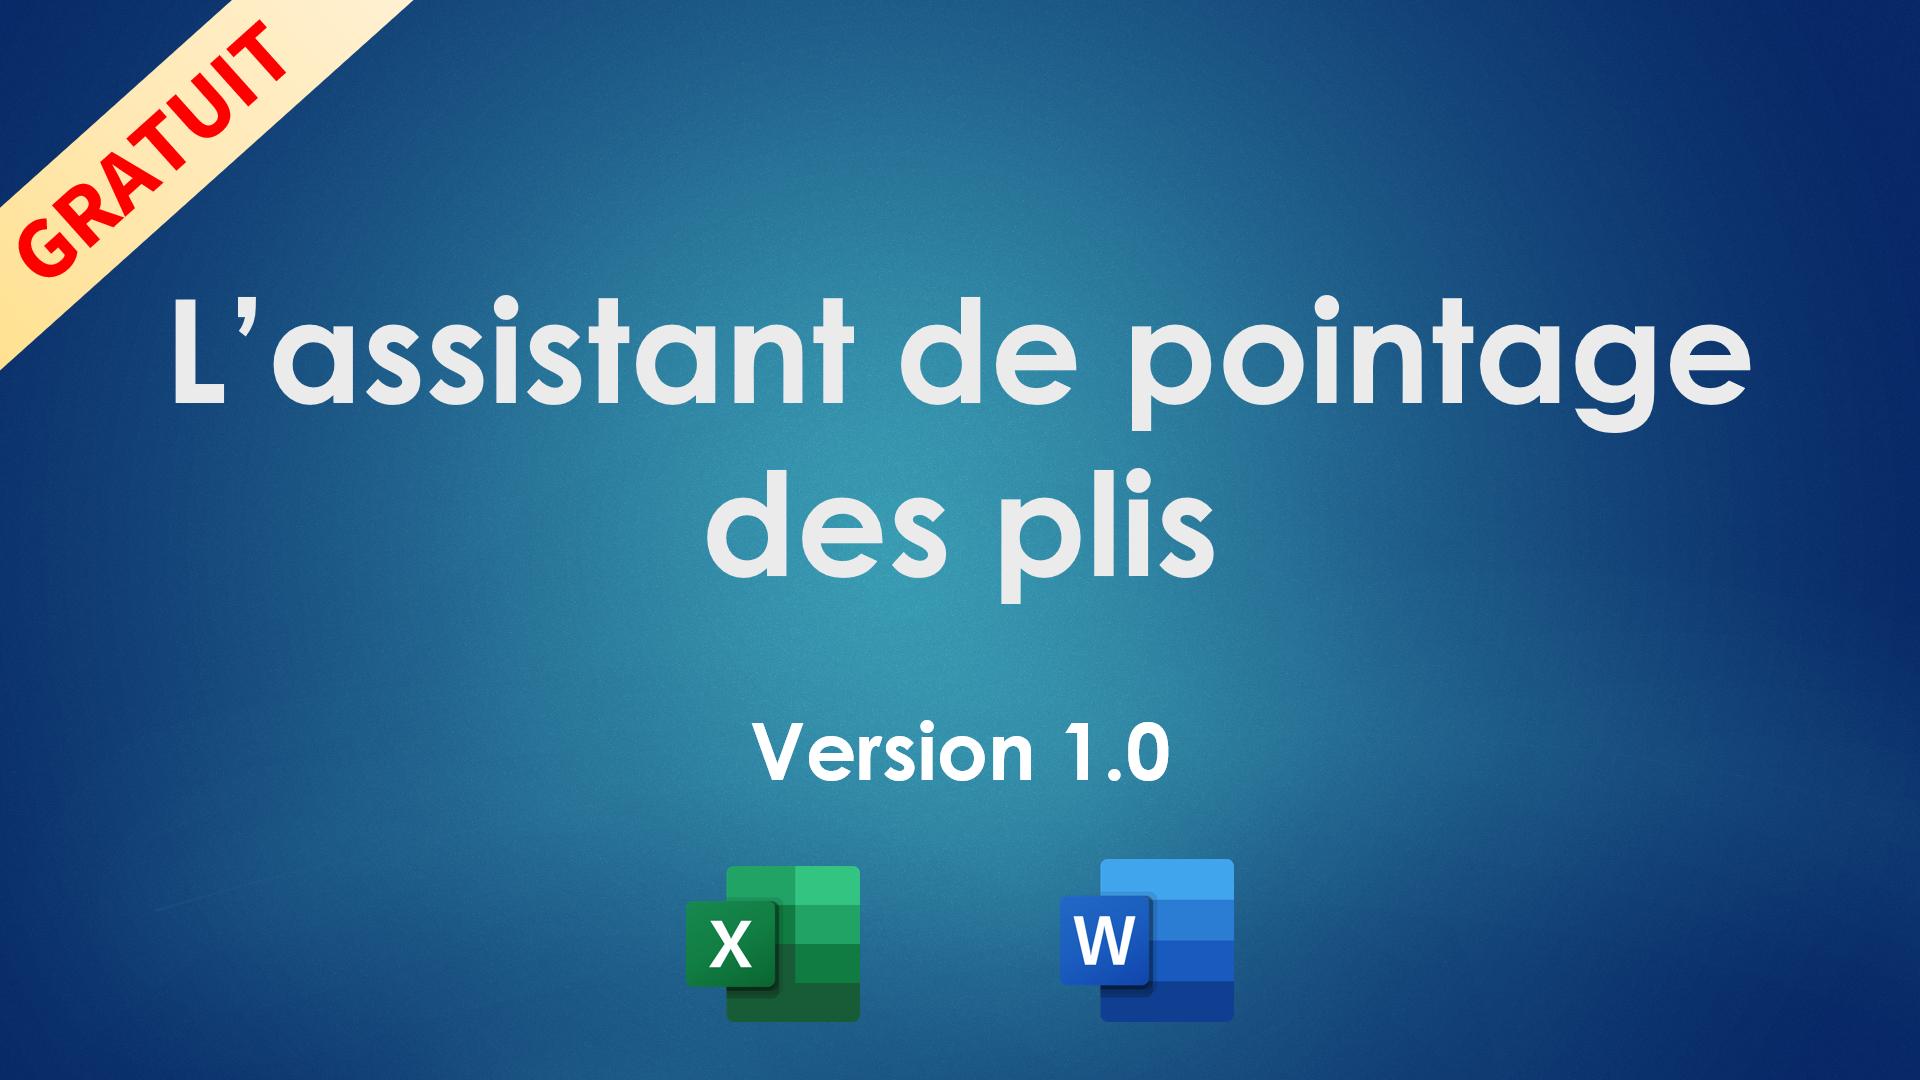 L'assistant de pointage des plis v1.0